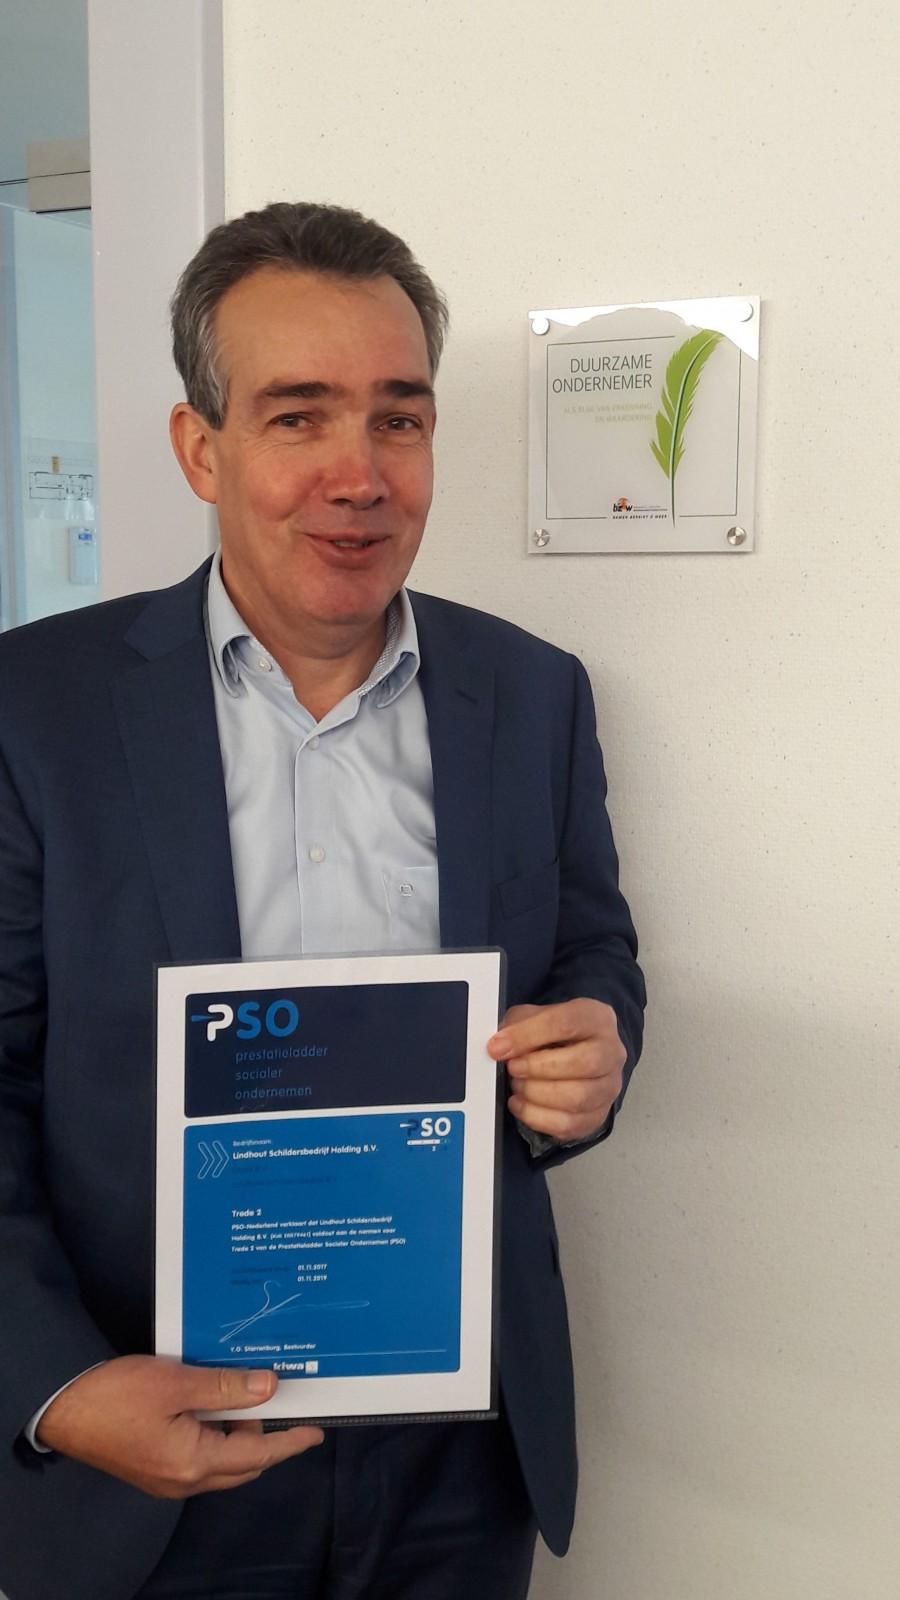 Lindhout Schilder- Vastgoedonderhoud behaalt Trede 2 op de PSO Prestatieladder